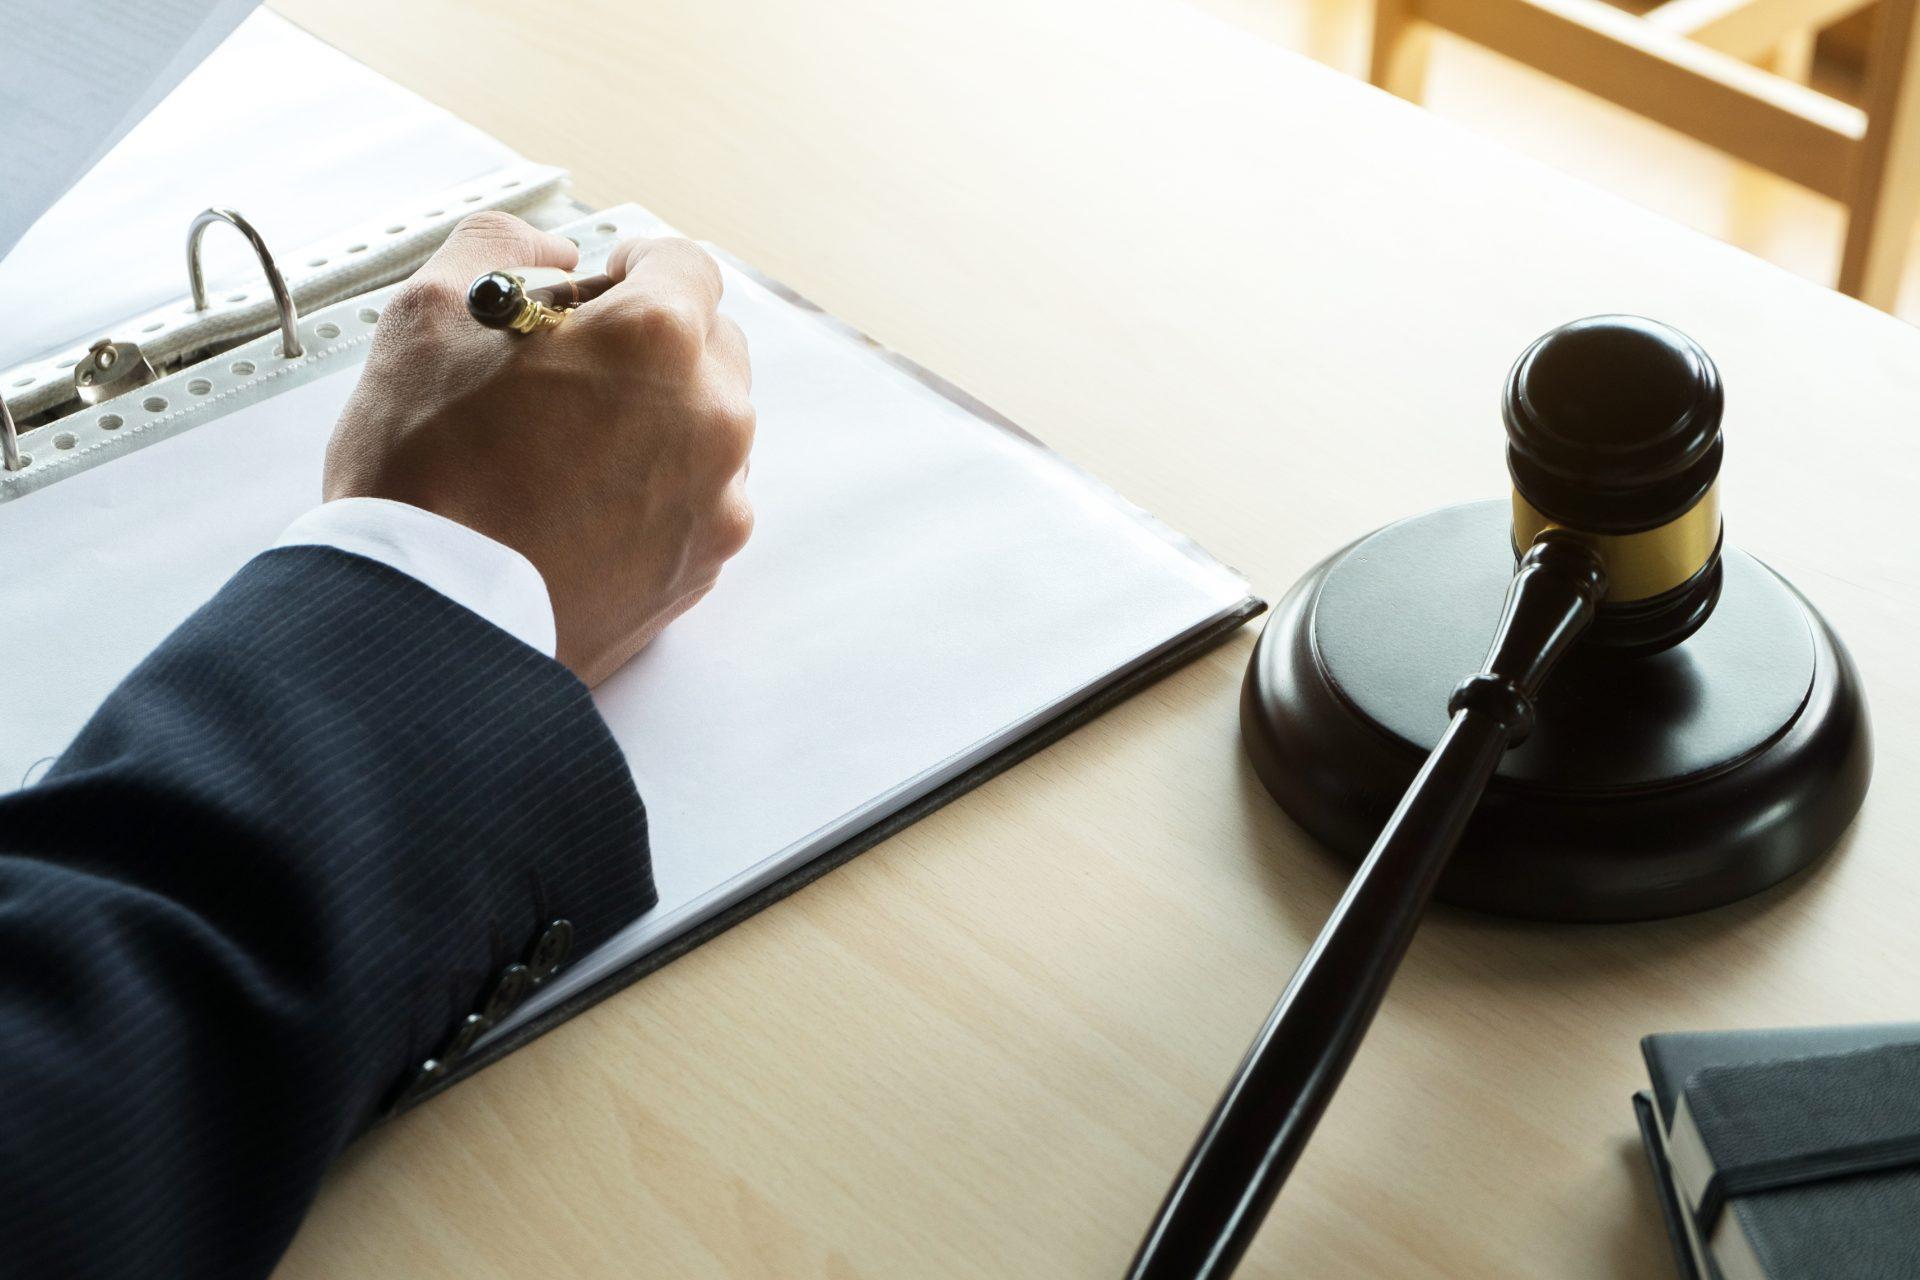 עורכת הדין מיה וייס טמיר. Ingimage